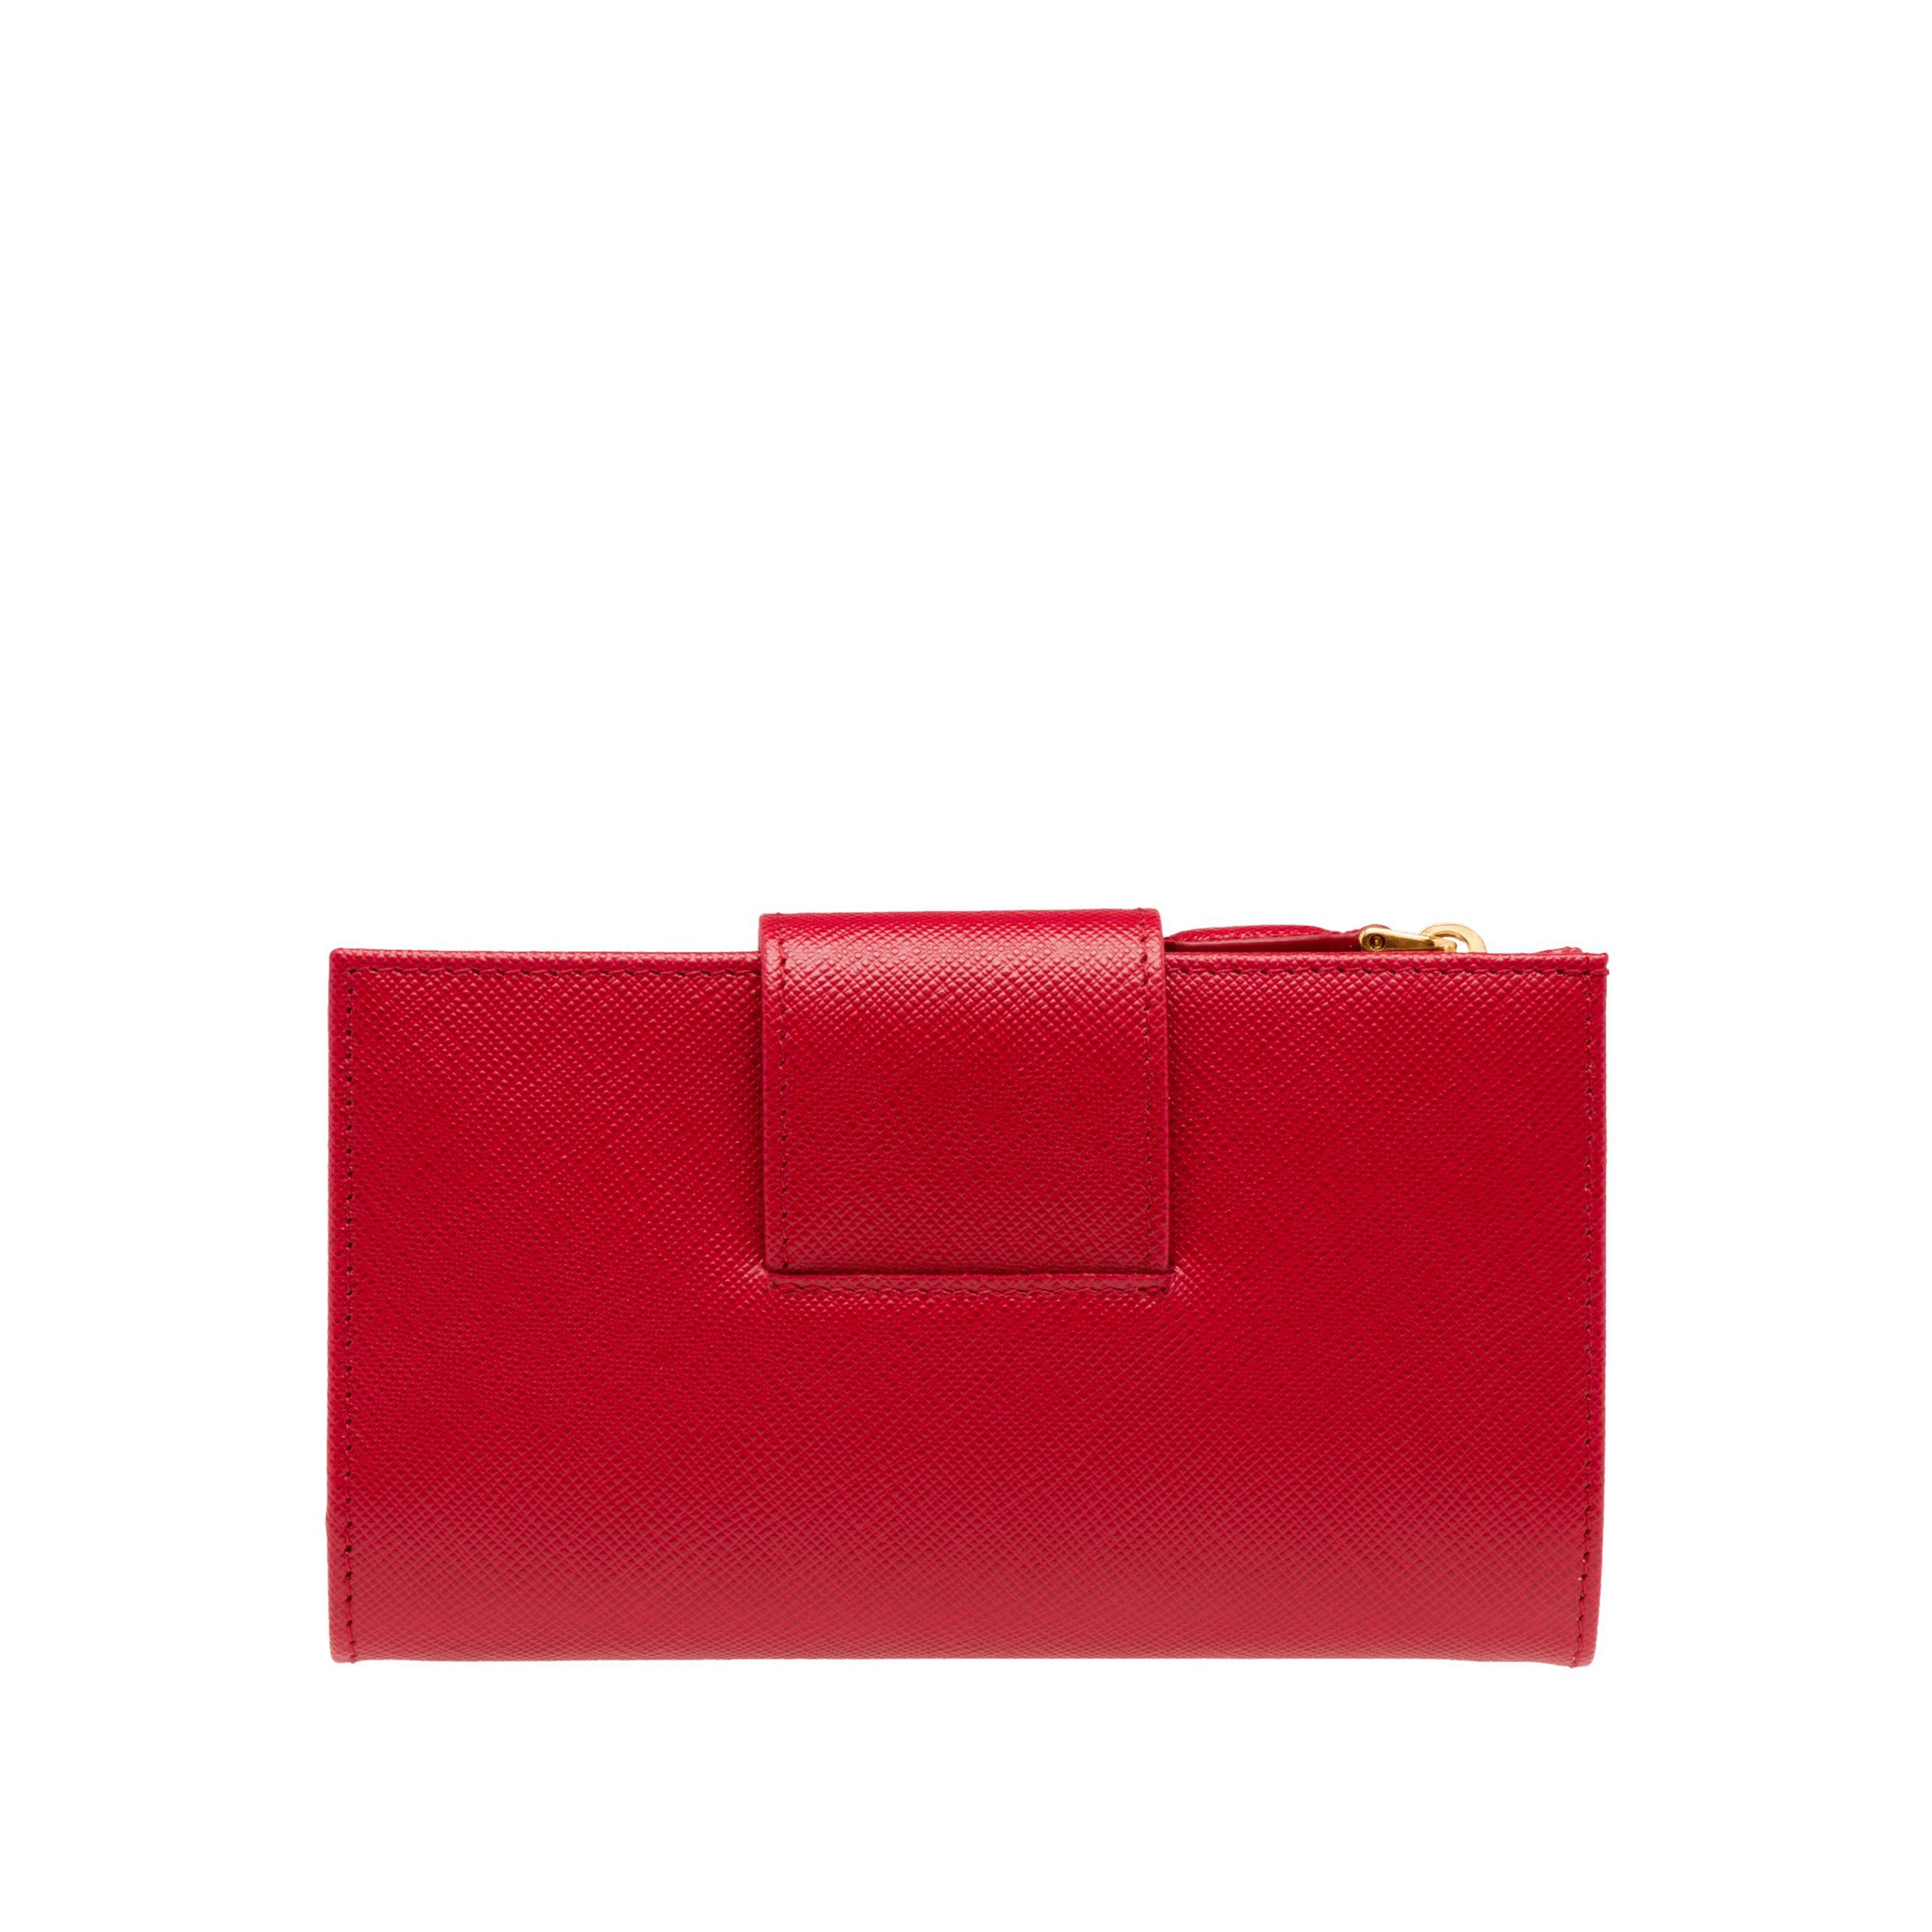 ef12ea8246a3 Prada - Red Medium Saffiano Leather Wallet - Lyst. View fullscreen